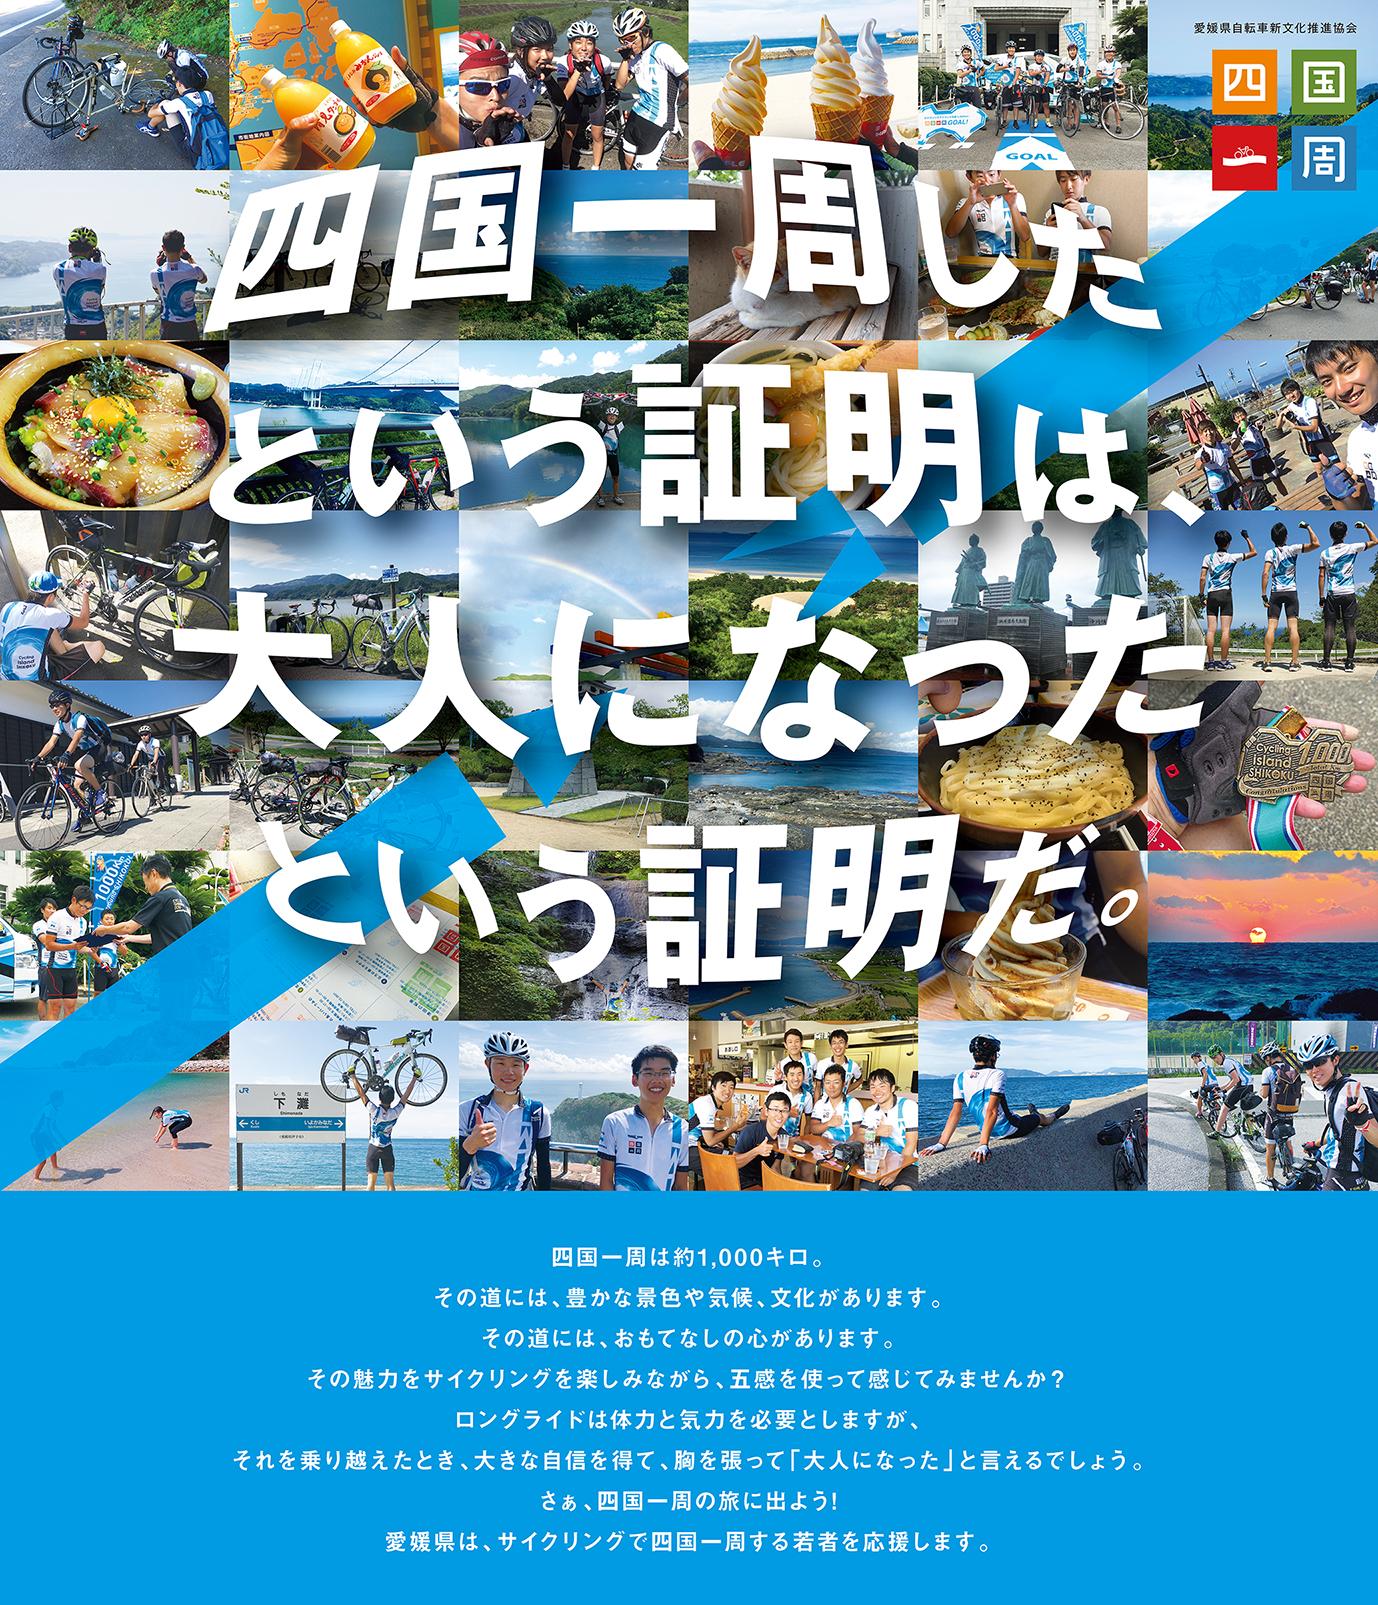 若者応援プロジェクト「四国一周サイクリングChallenge!-2019-」開催